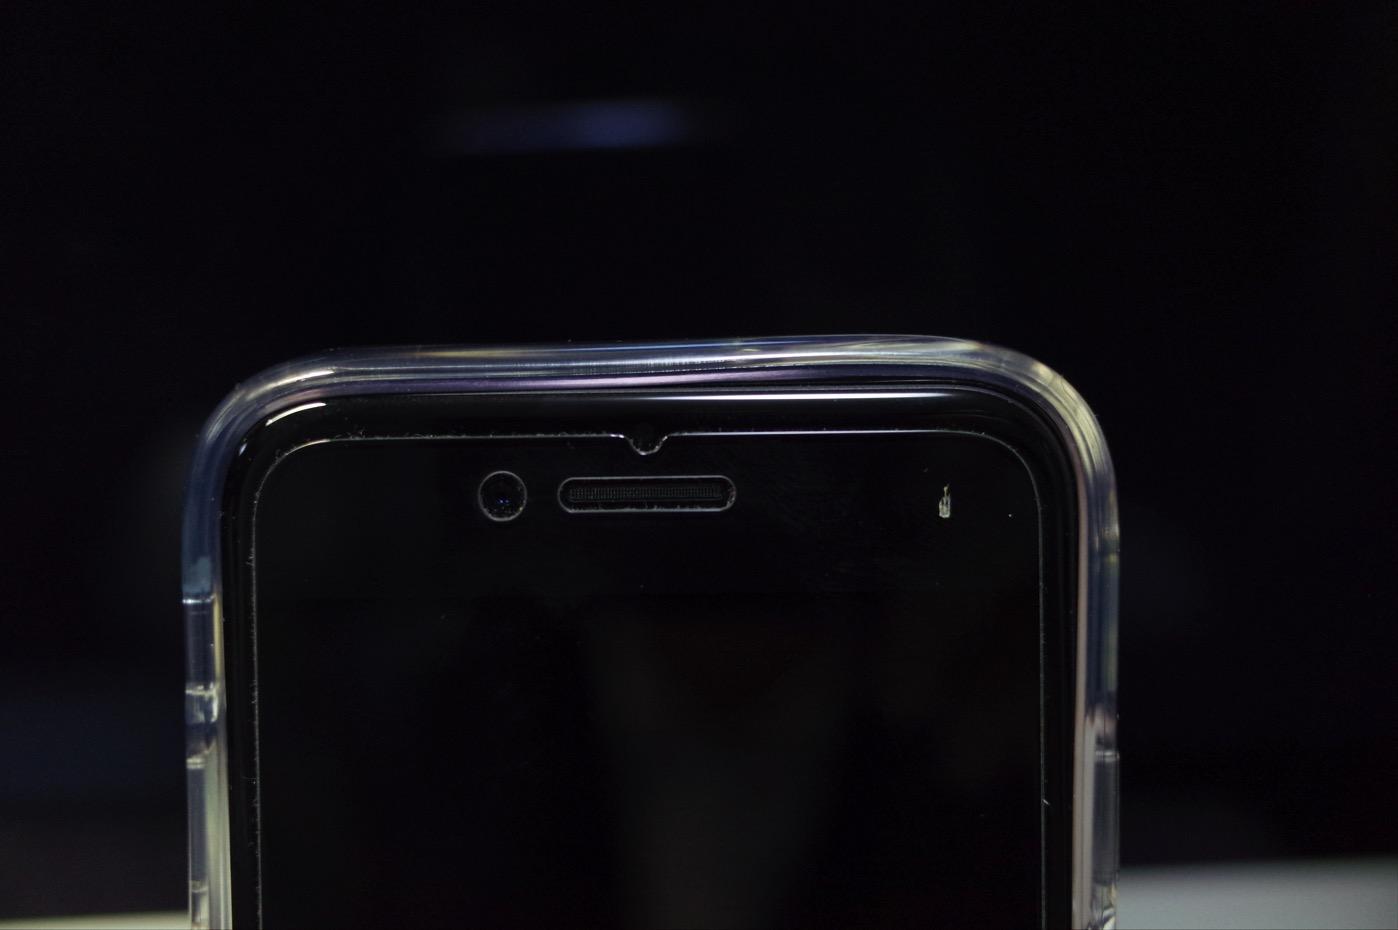 [iPhone]ジェットブラック用ケースと思って購入したところ非対応でした。が、作りがイマイチだったので返品させていただきました